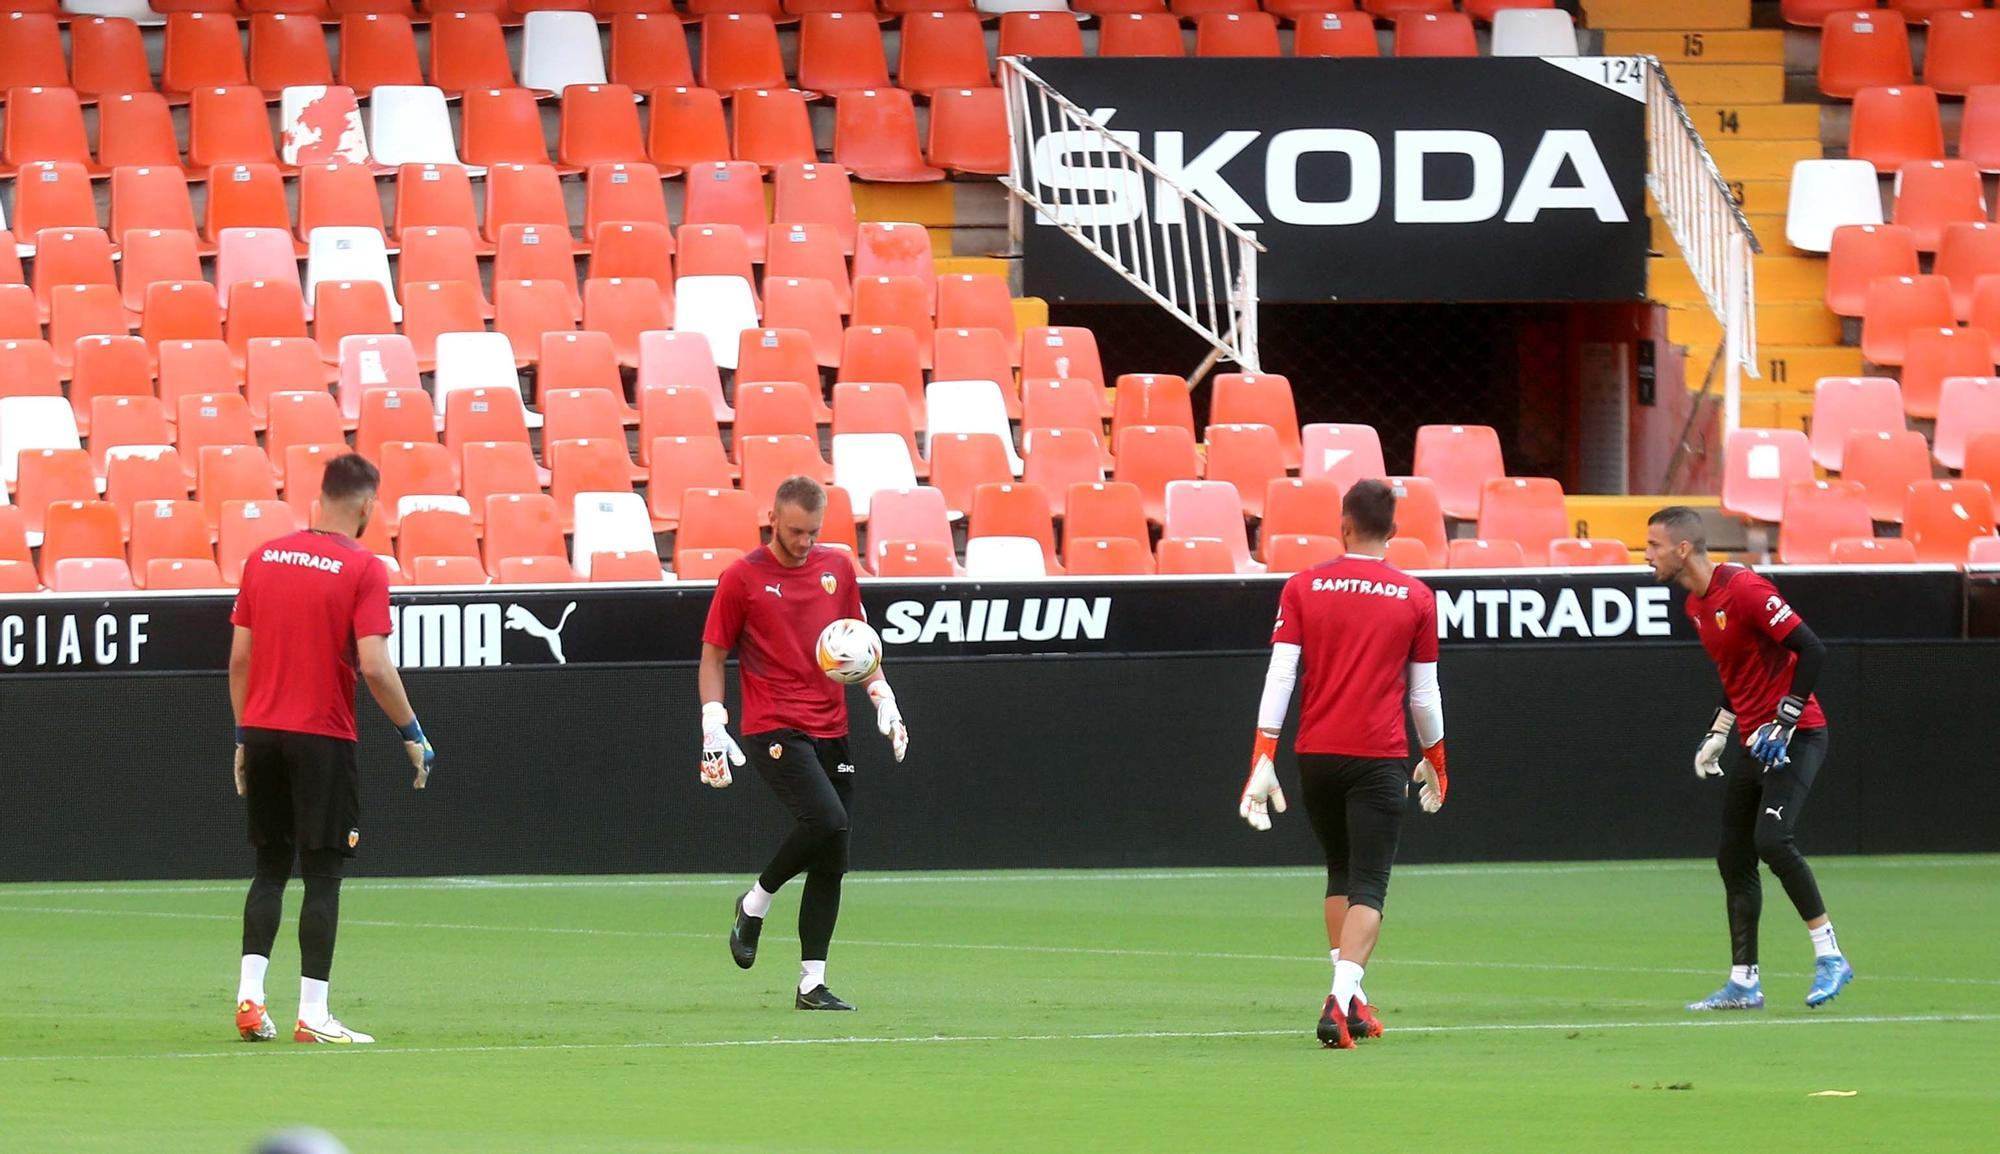 El Valencia CF prepara el partido frente al Real Madrid en Mestalla